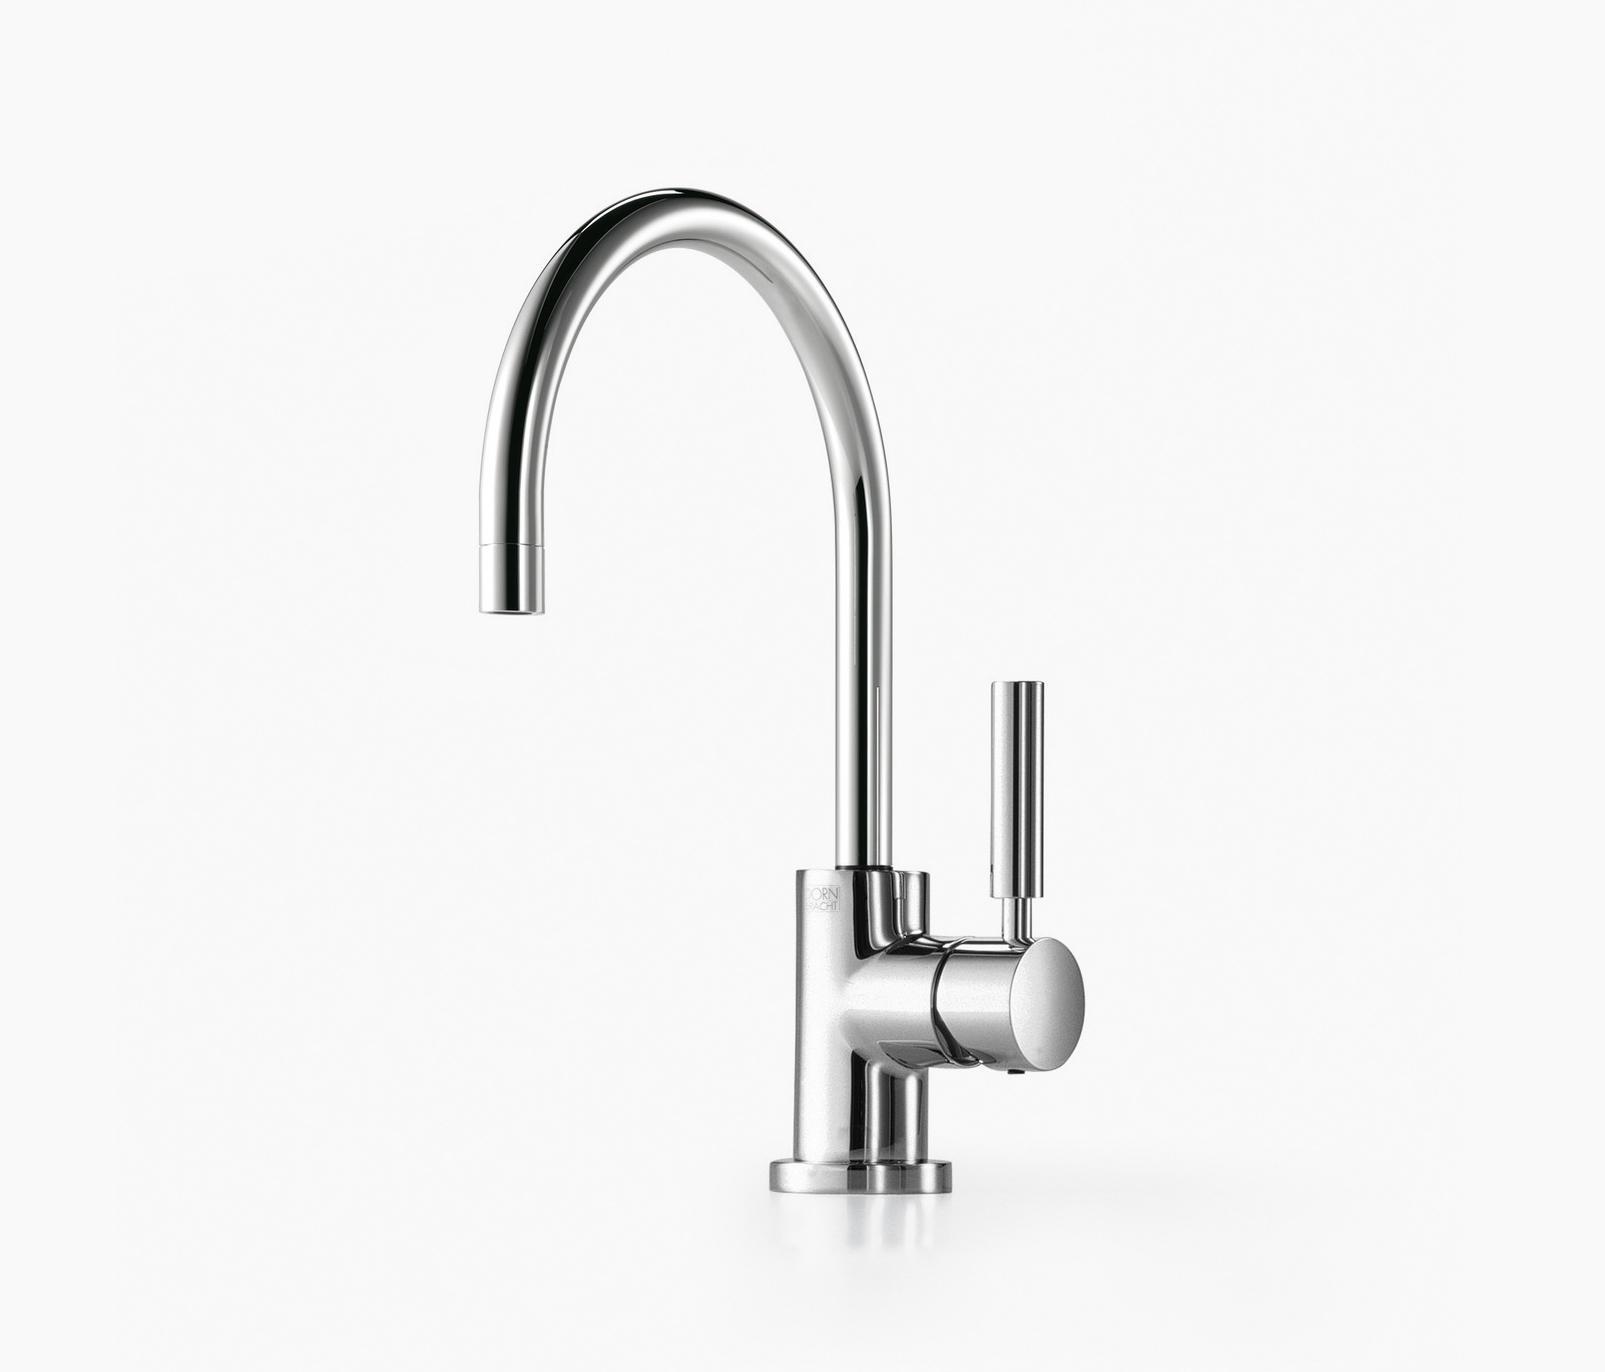 dornbracht faucet kitchen subway tile backsplash faucets tara classic  wow blog